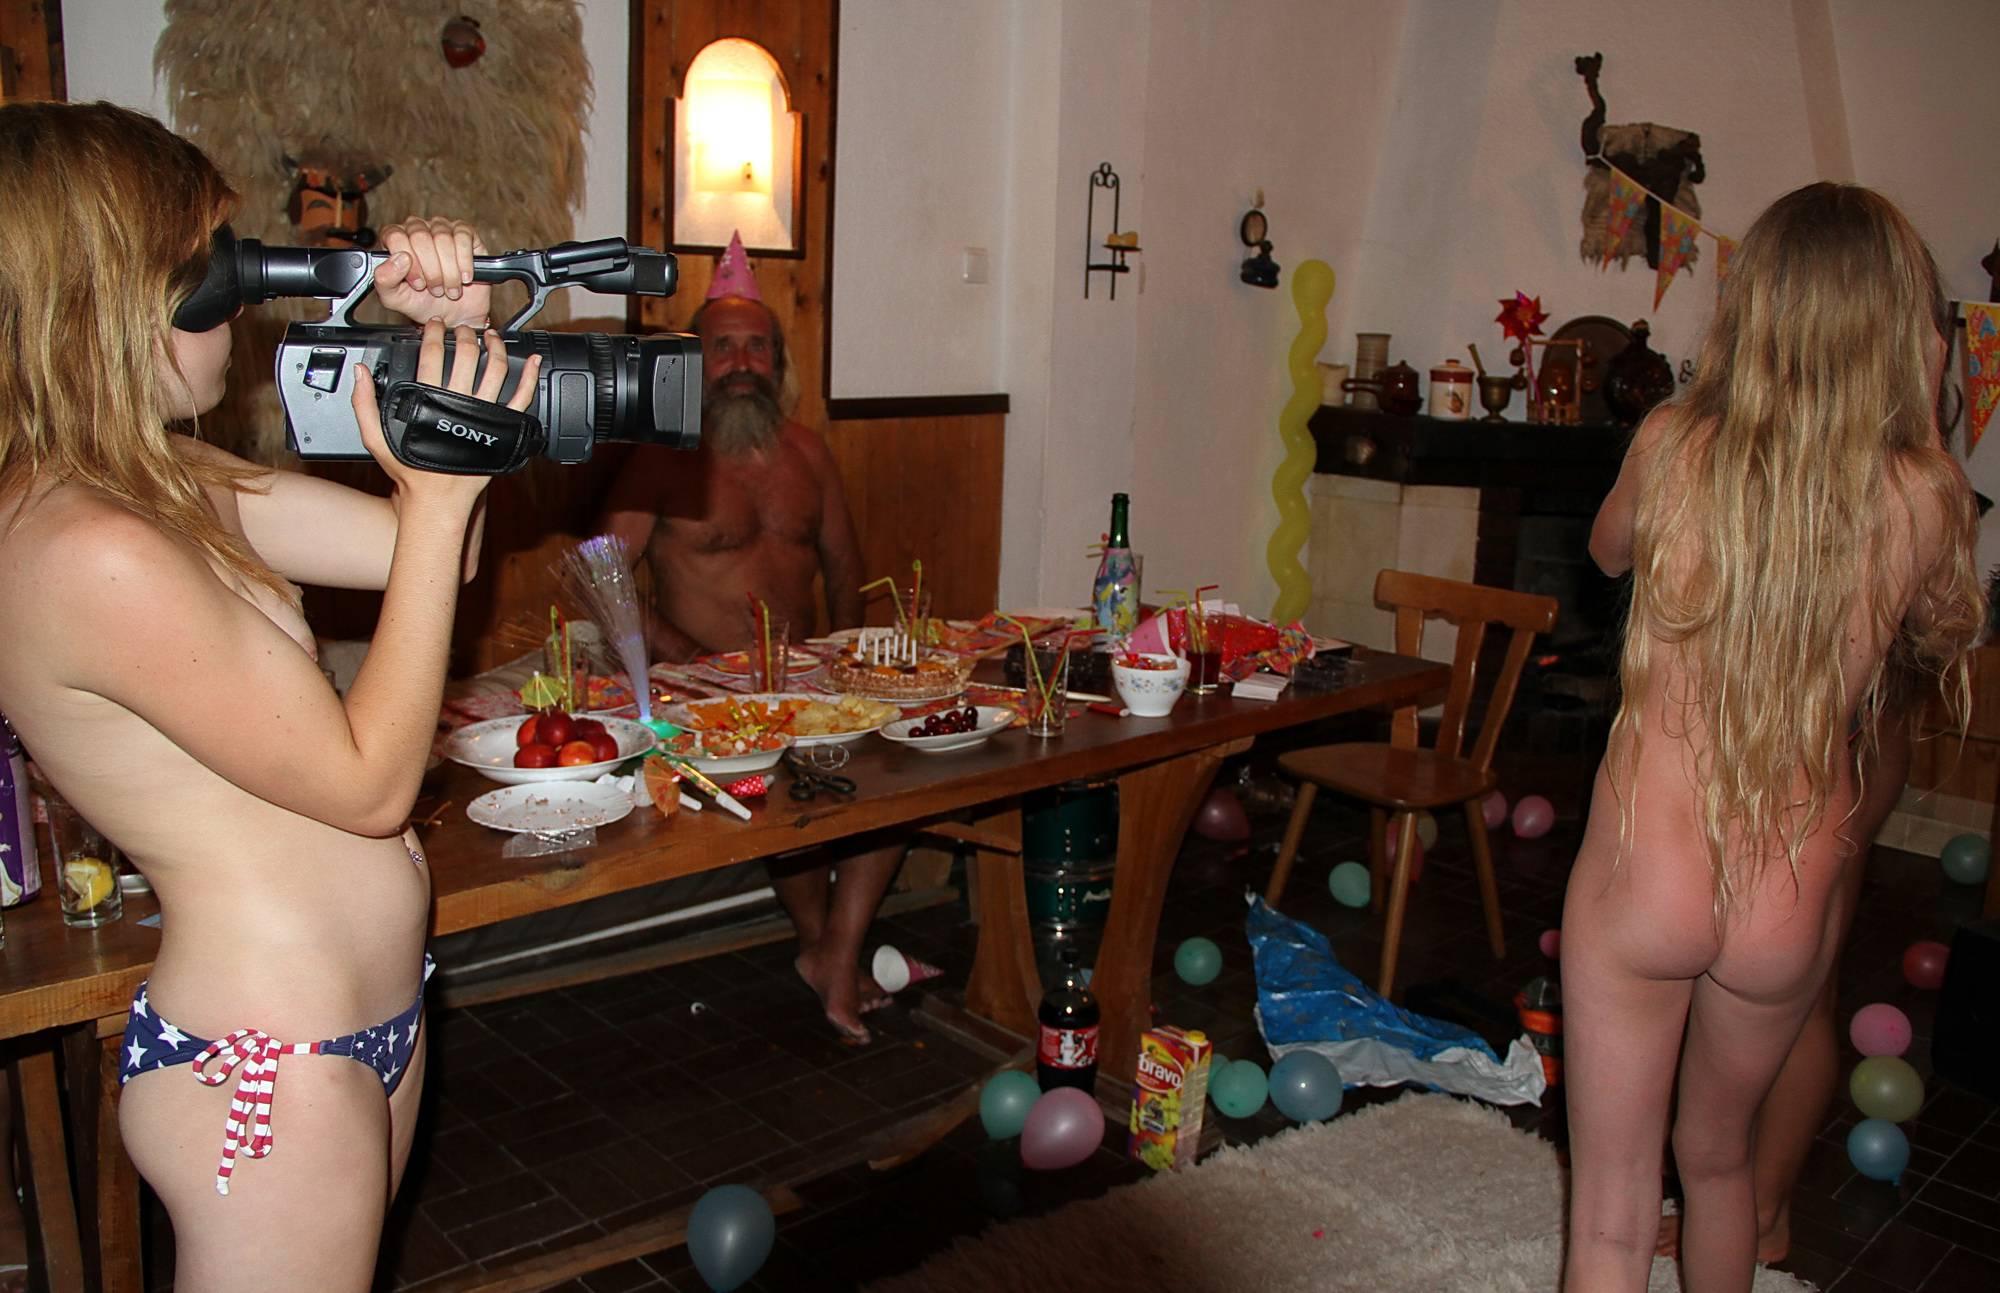 Pure Nudism Images Indoor Birthday Bonanza - 2